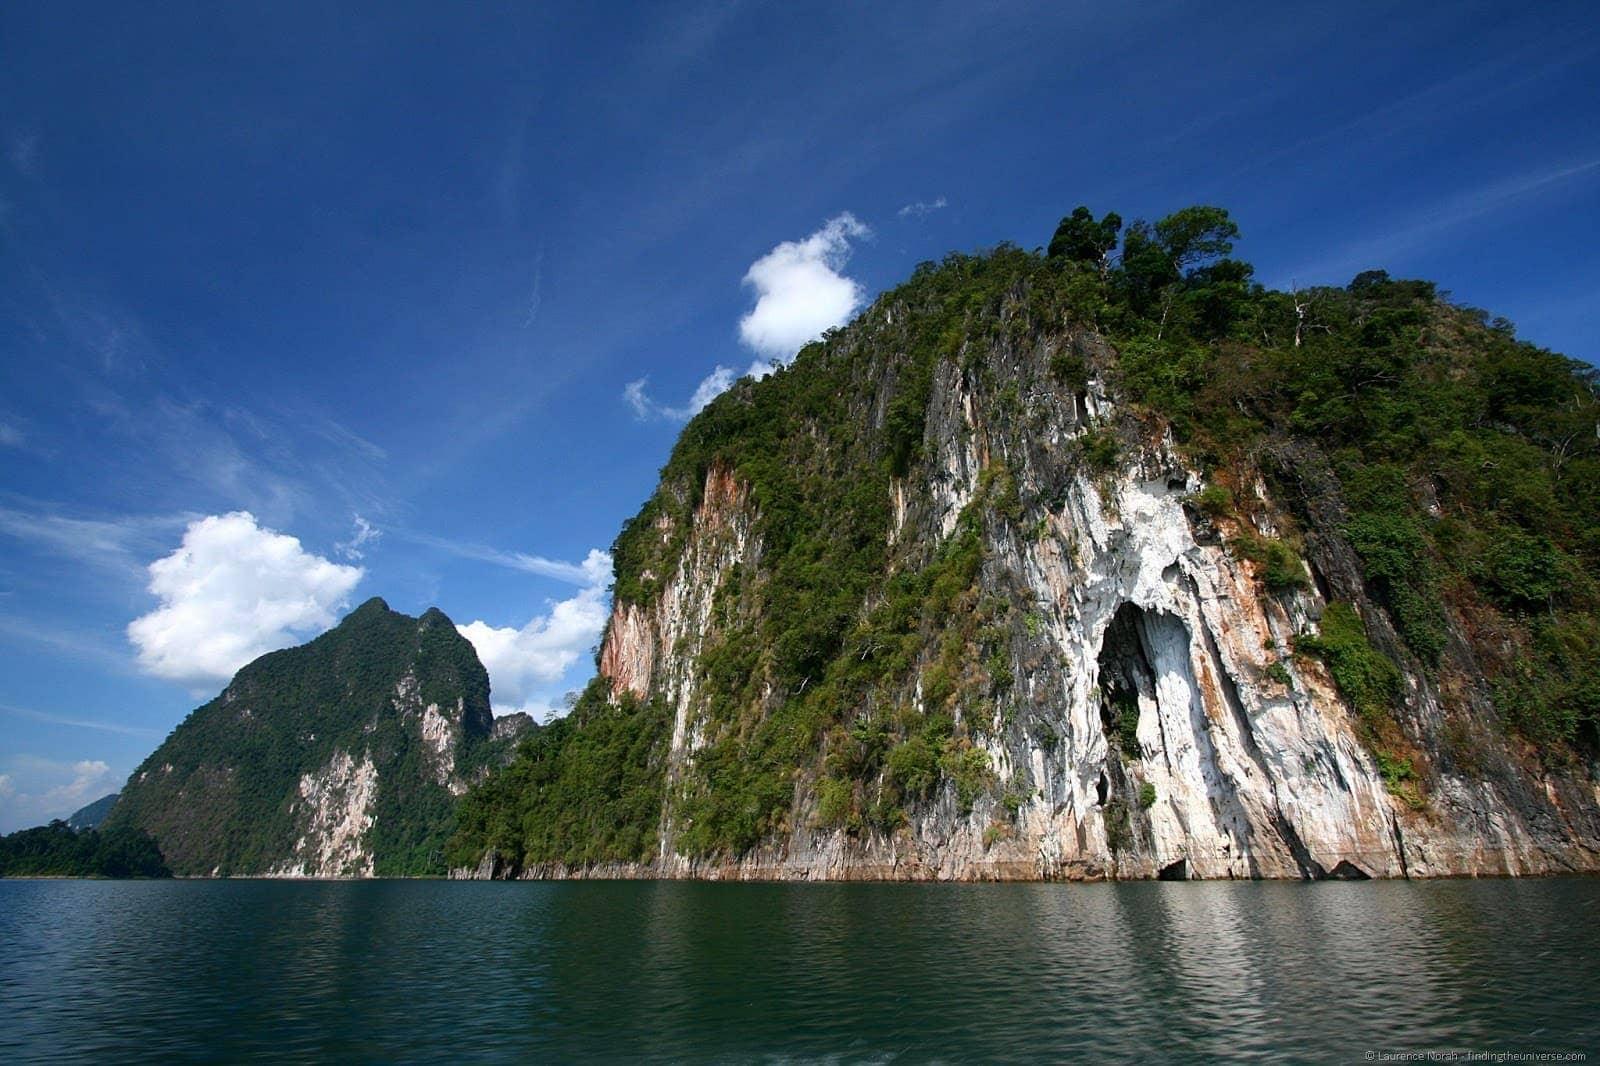 Khao sok limestone karst from boat Thailand